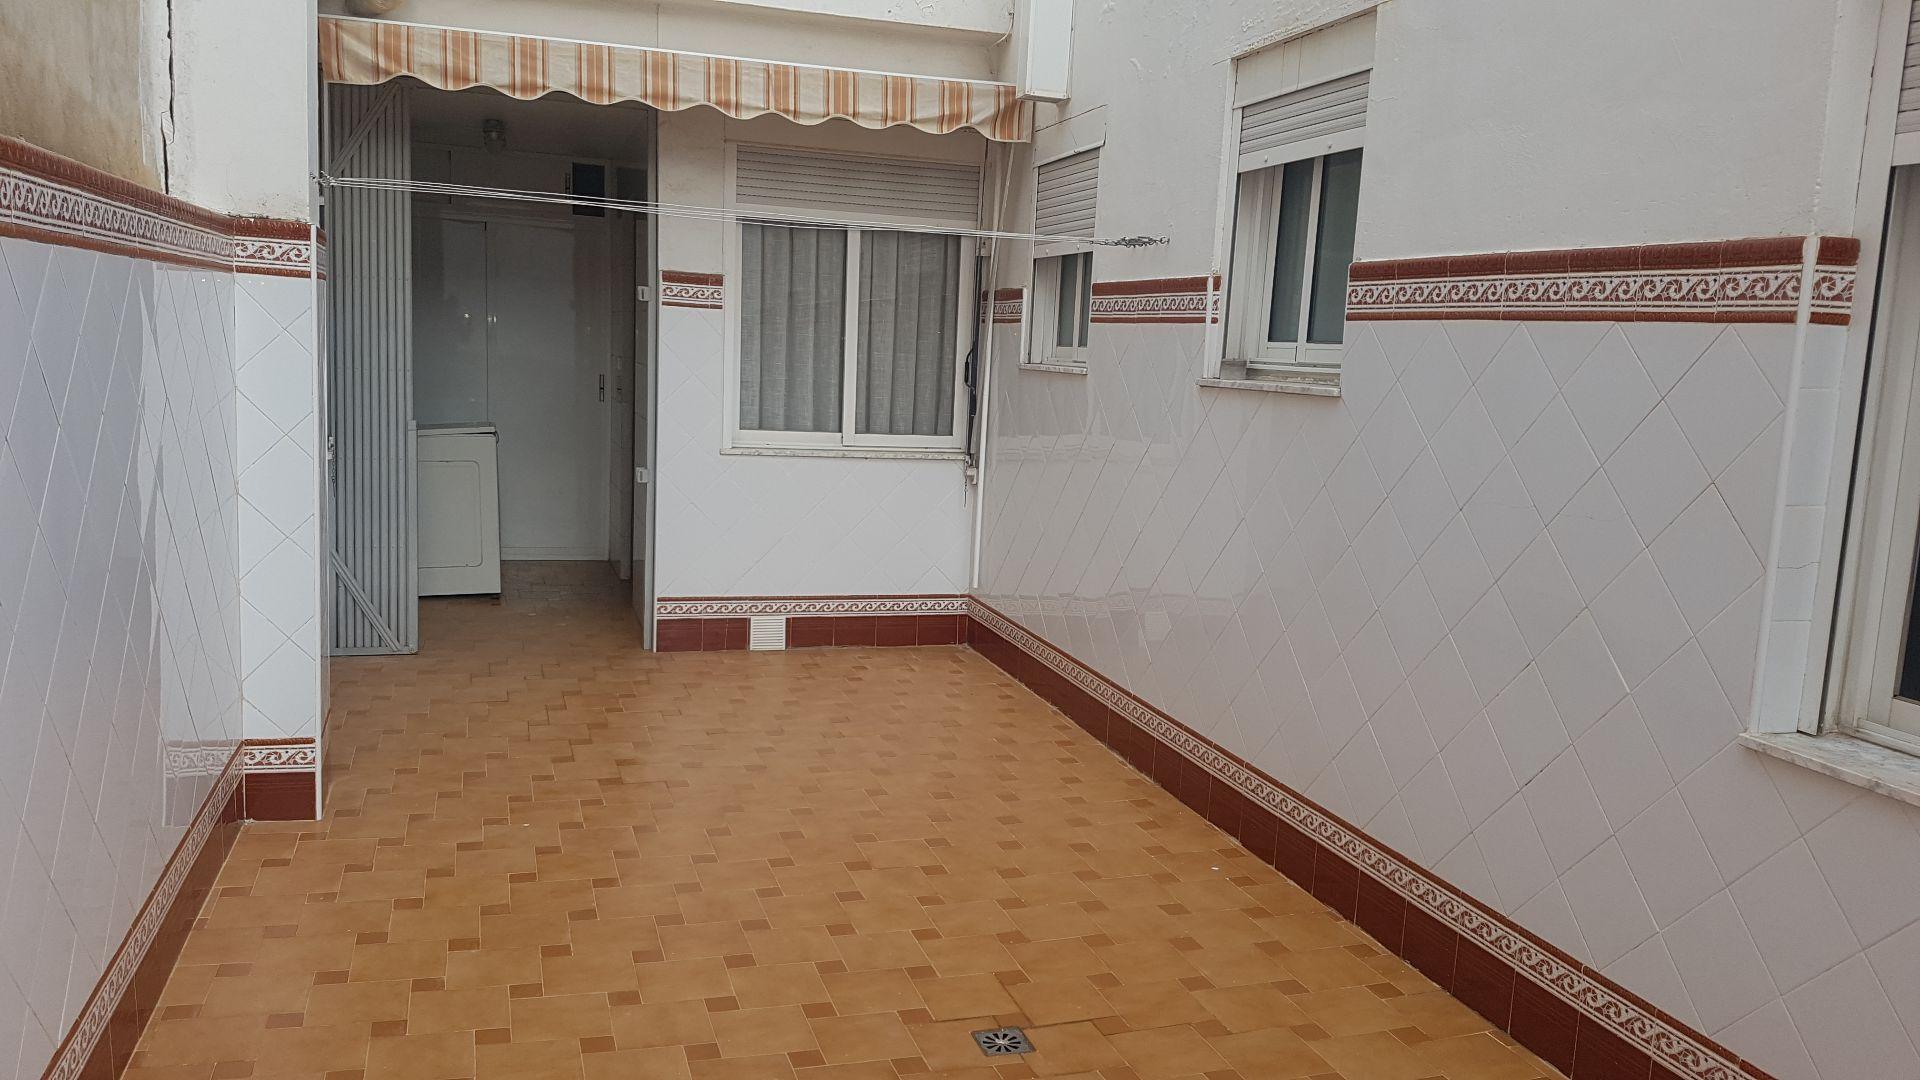 Casa / Chalet en Callosa de Segura, Zona Glorieta, venta